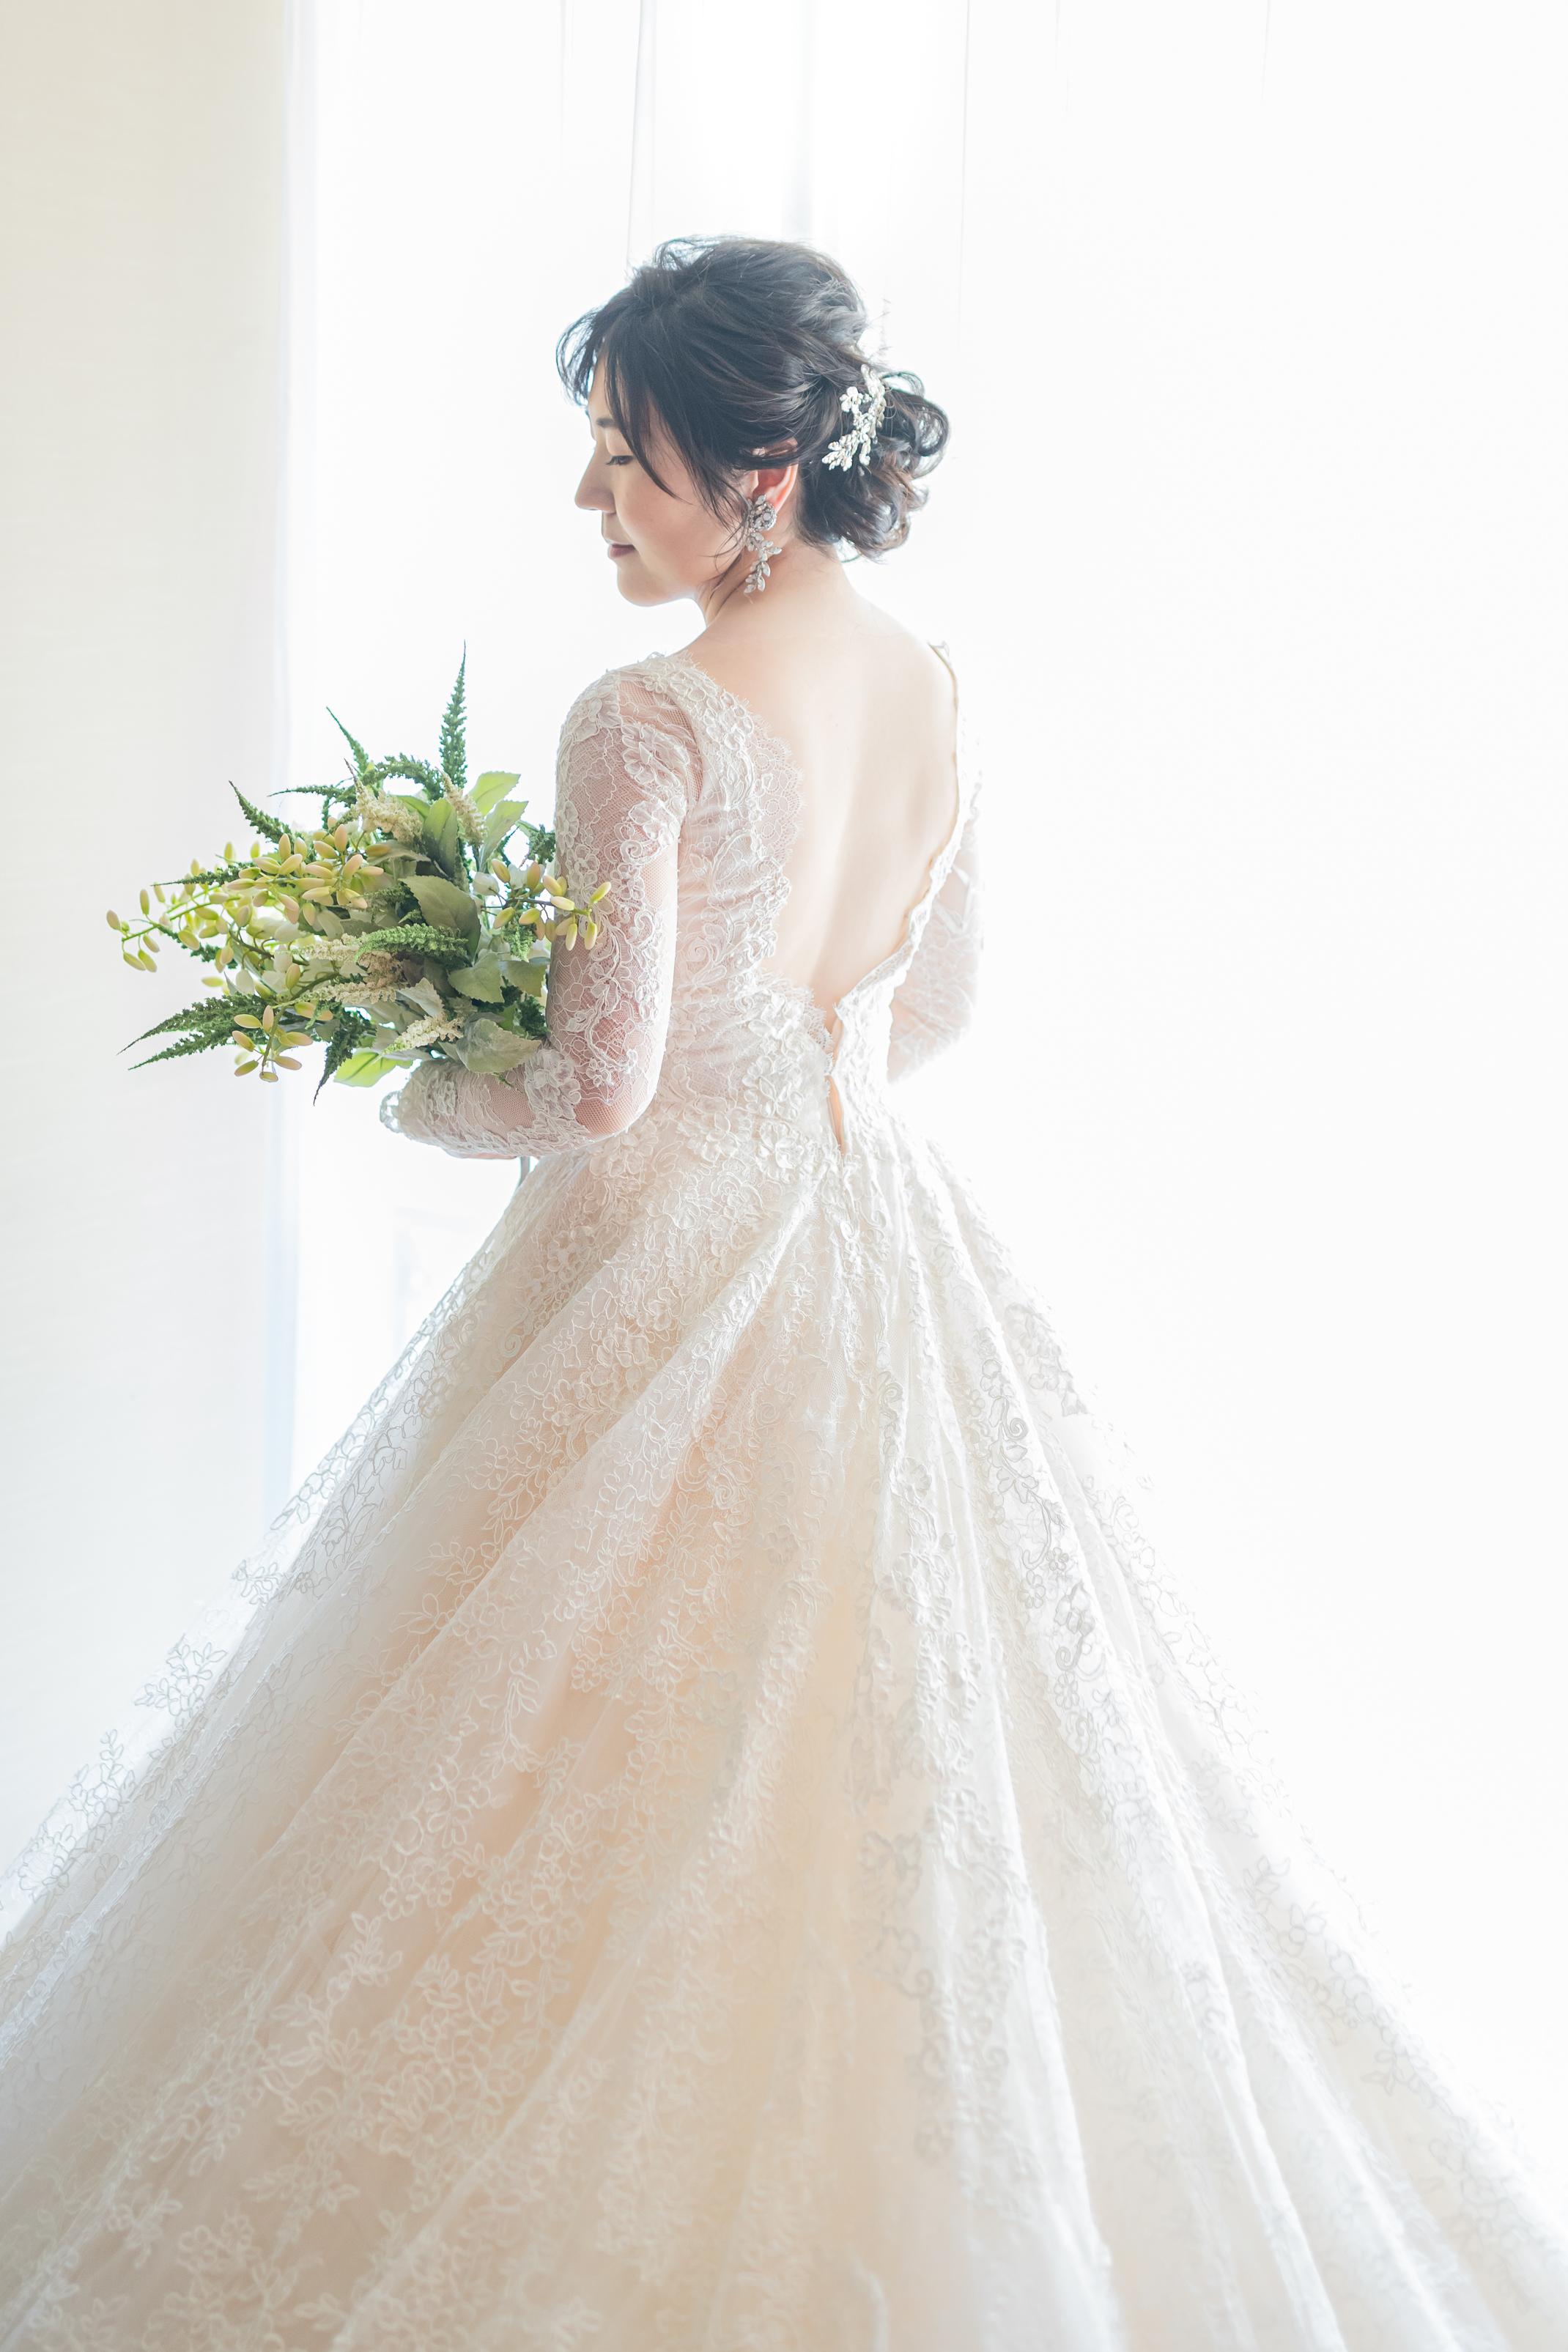 ロングトレーンが人気のINES DI SANTO(イネスディサント)のエレガントなウエディングドレス